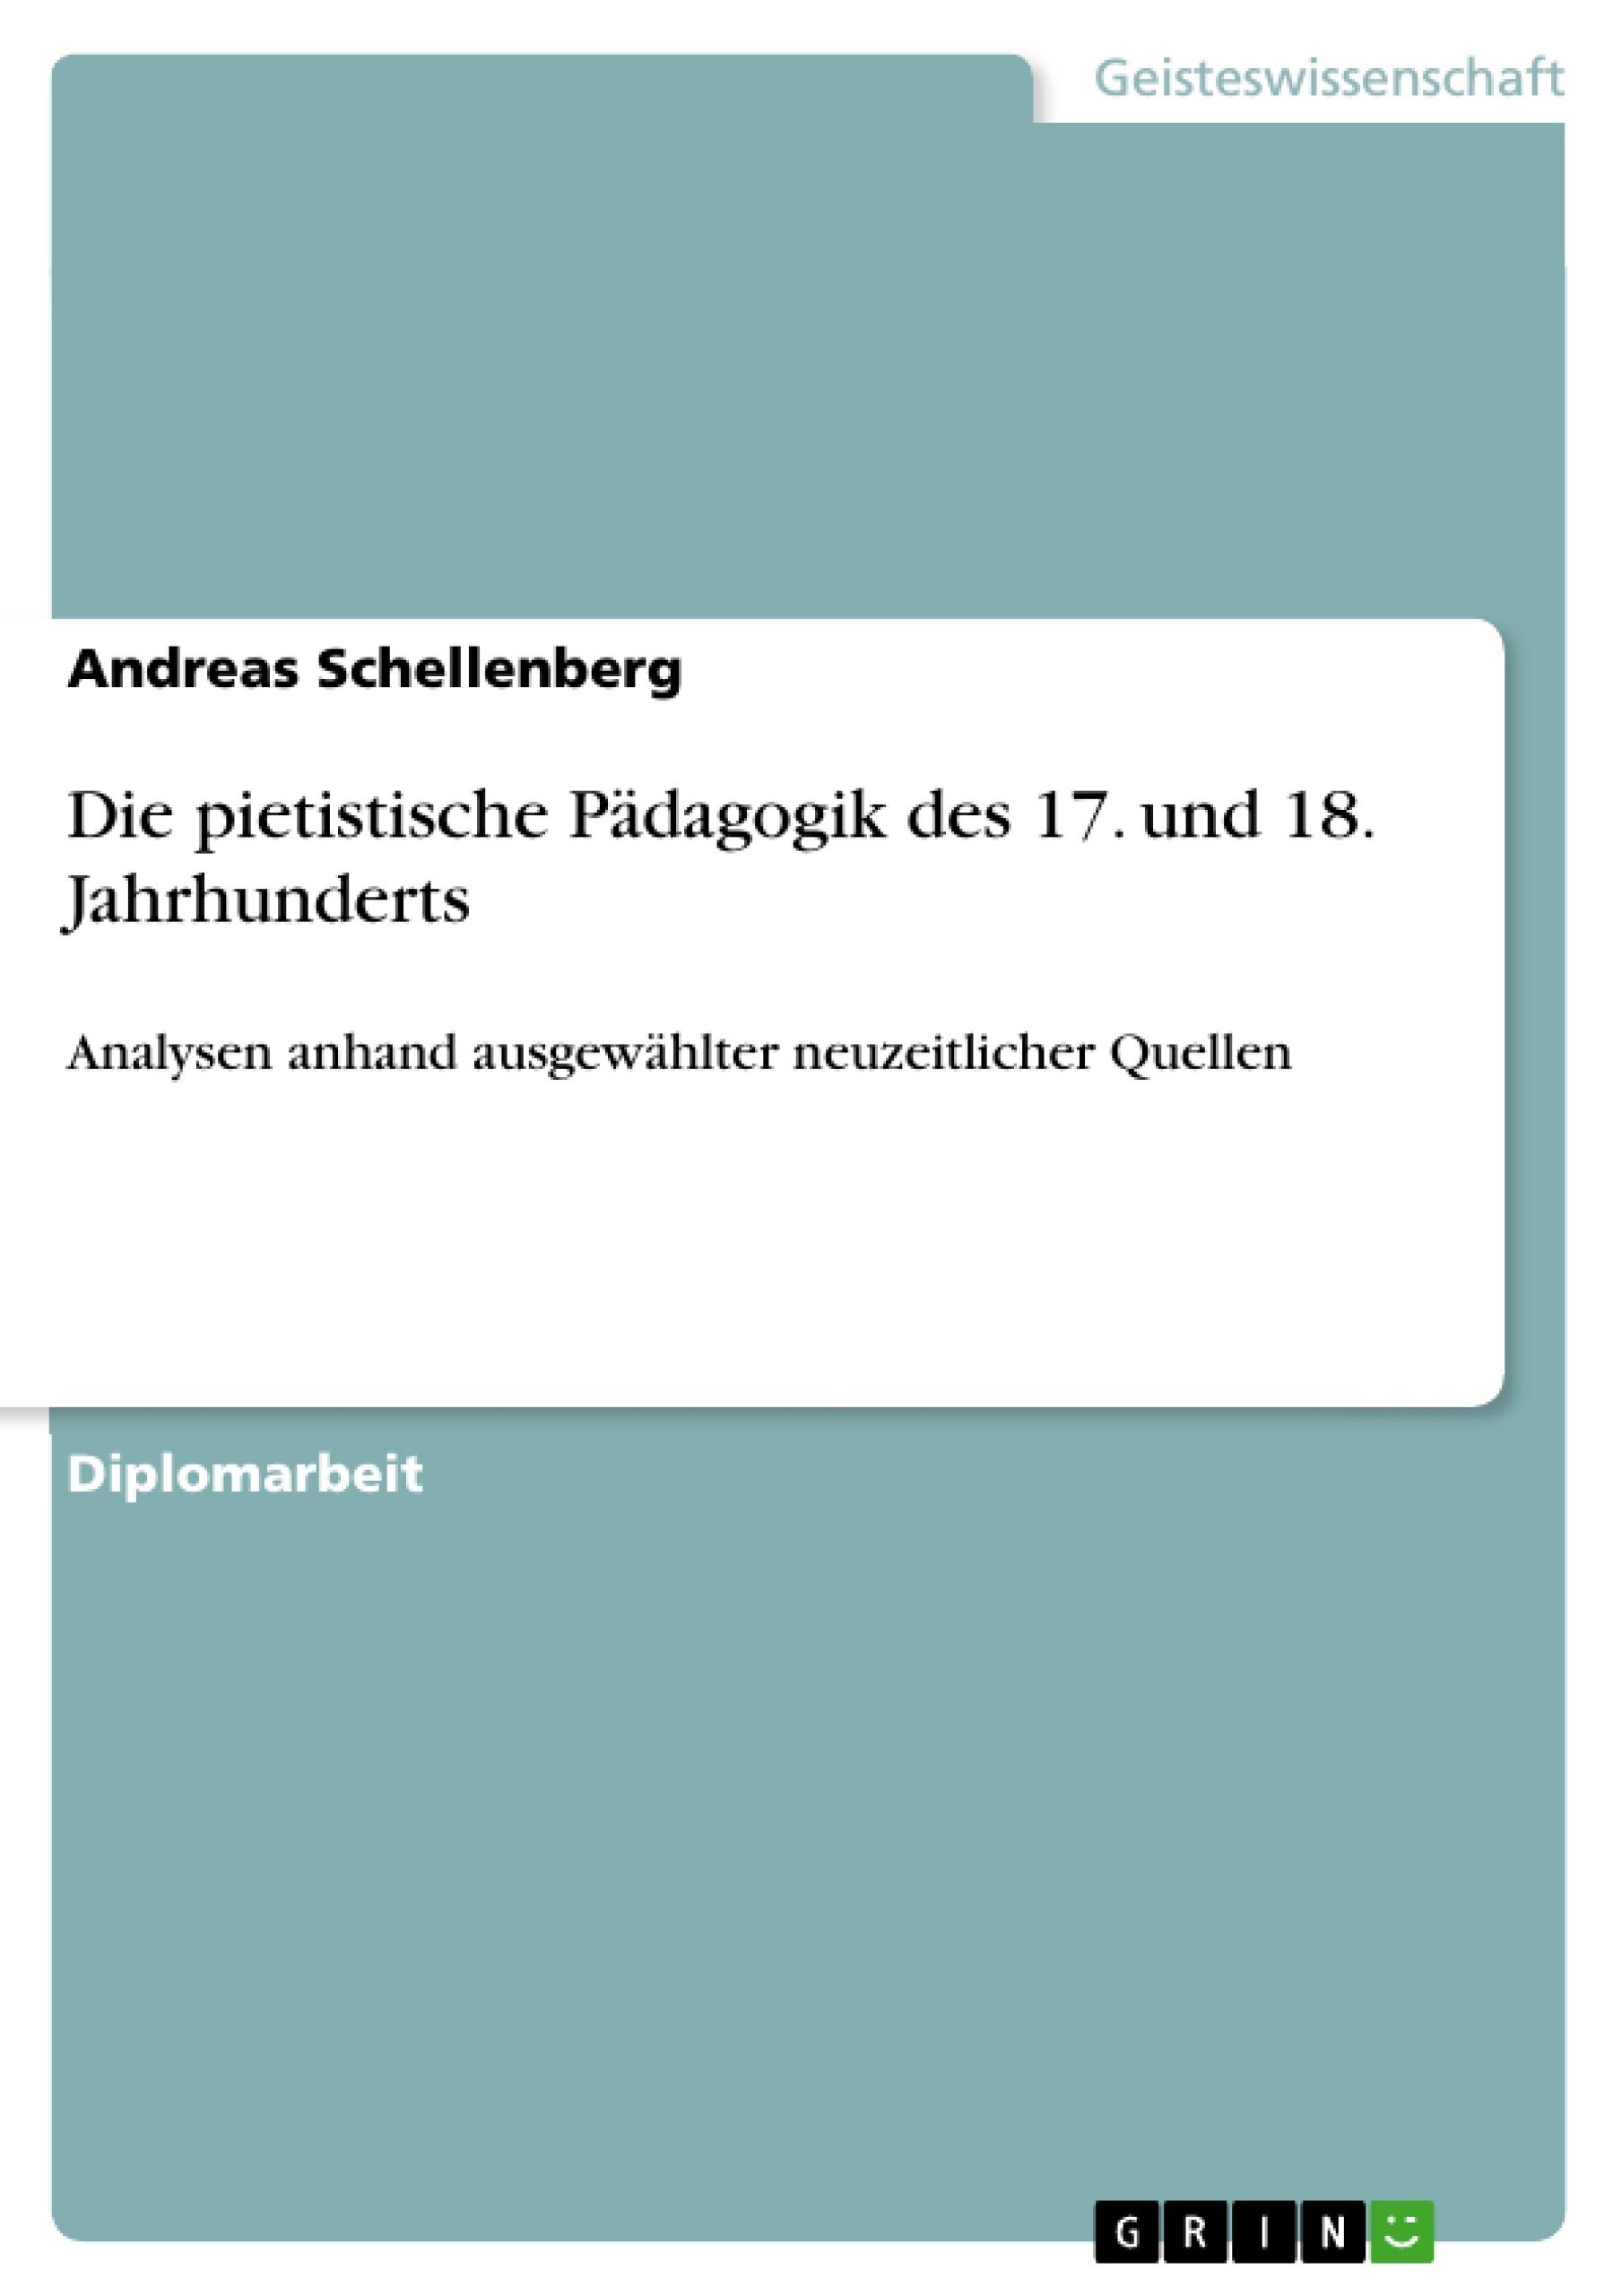 Titel: Die pietistische Pädagogik des 17. und 18. Jahrhunderts